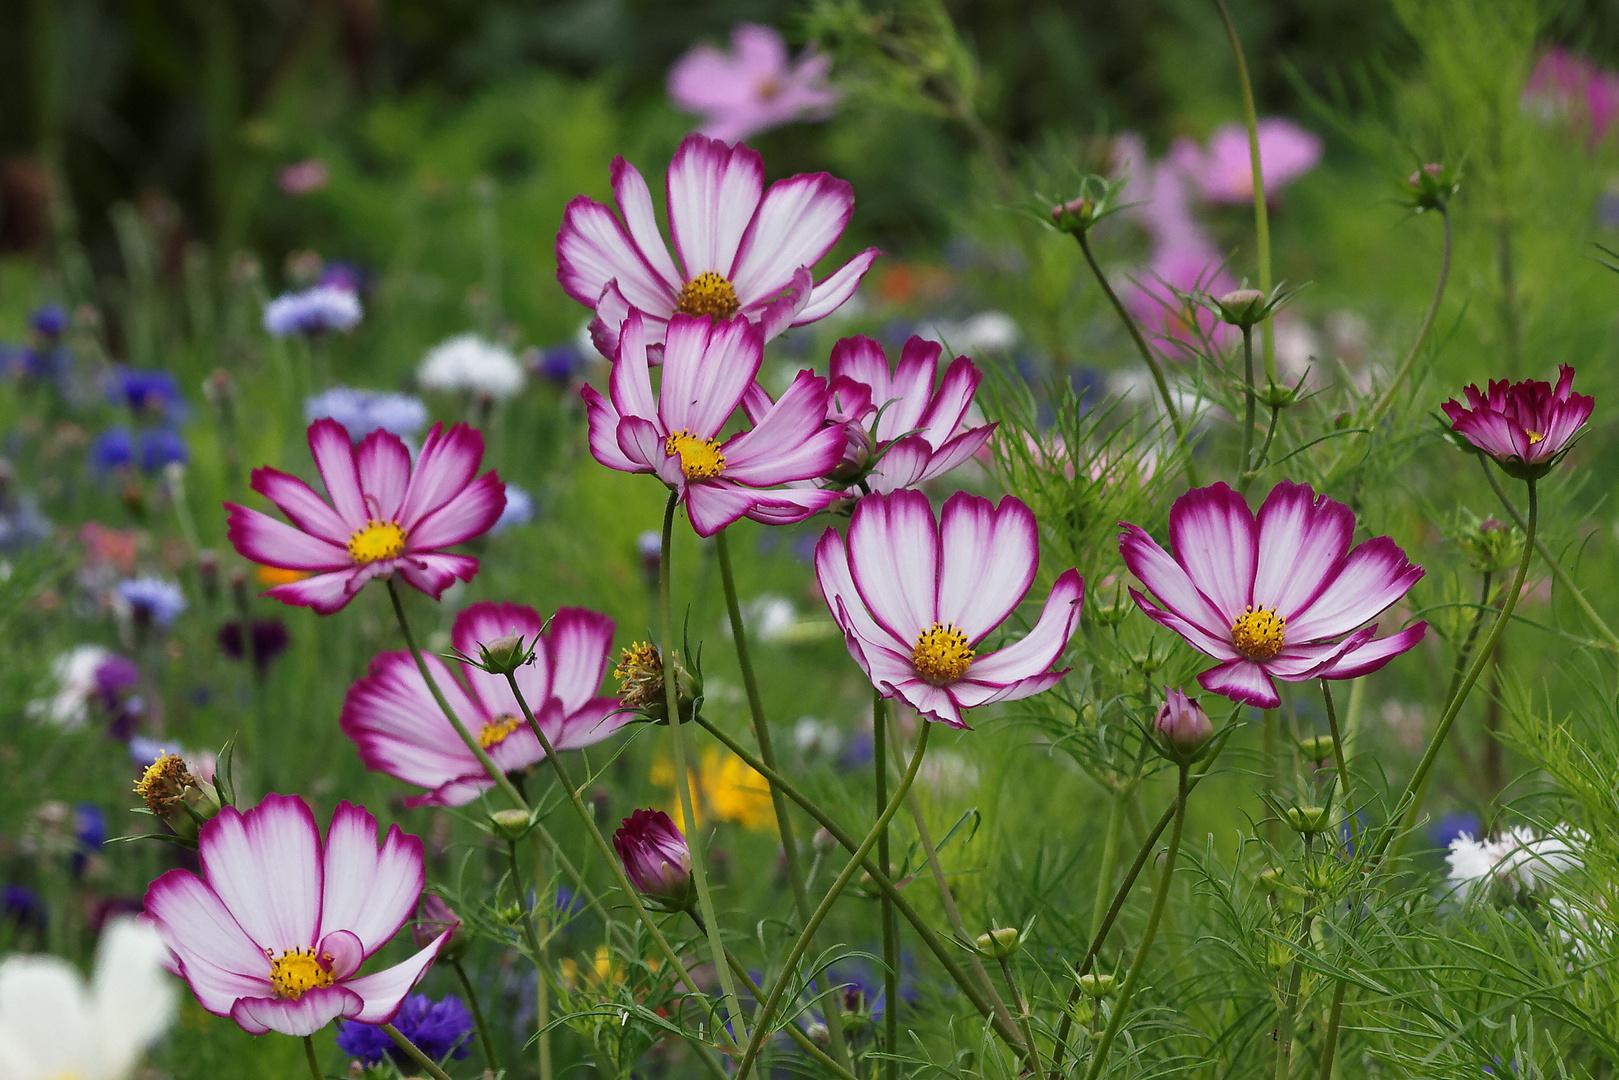 Jach re fleurie photo et image fleurs nature images - Fleur de jachere ...